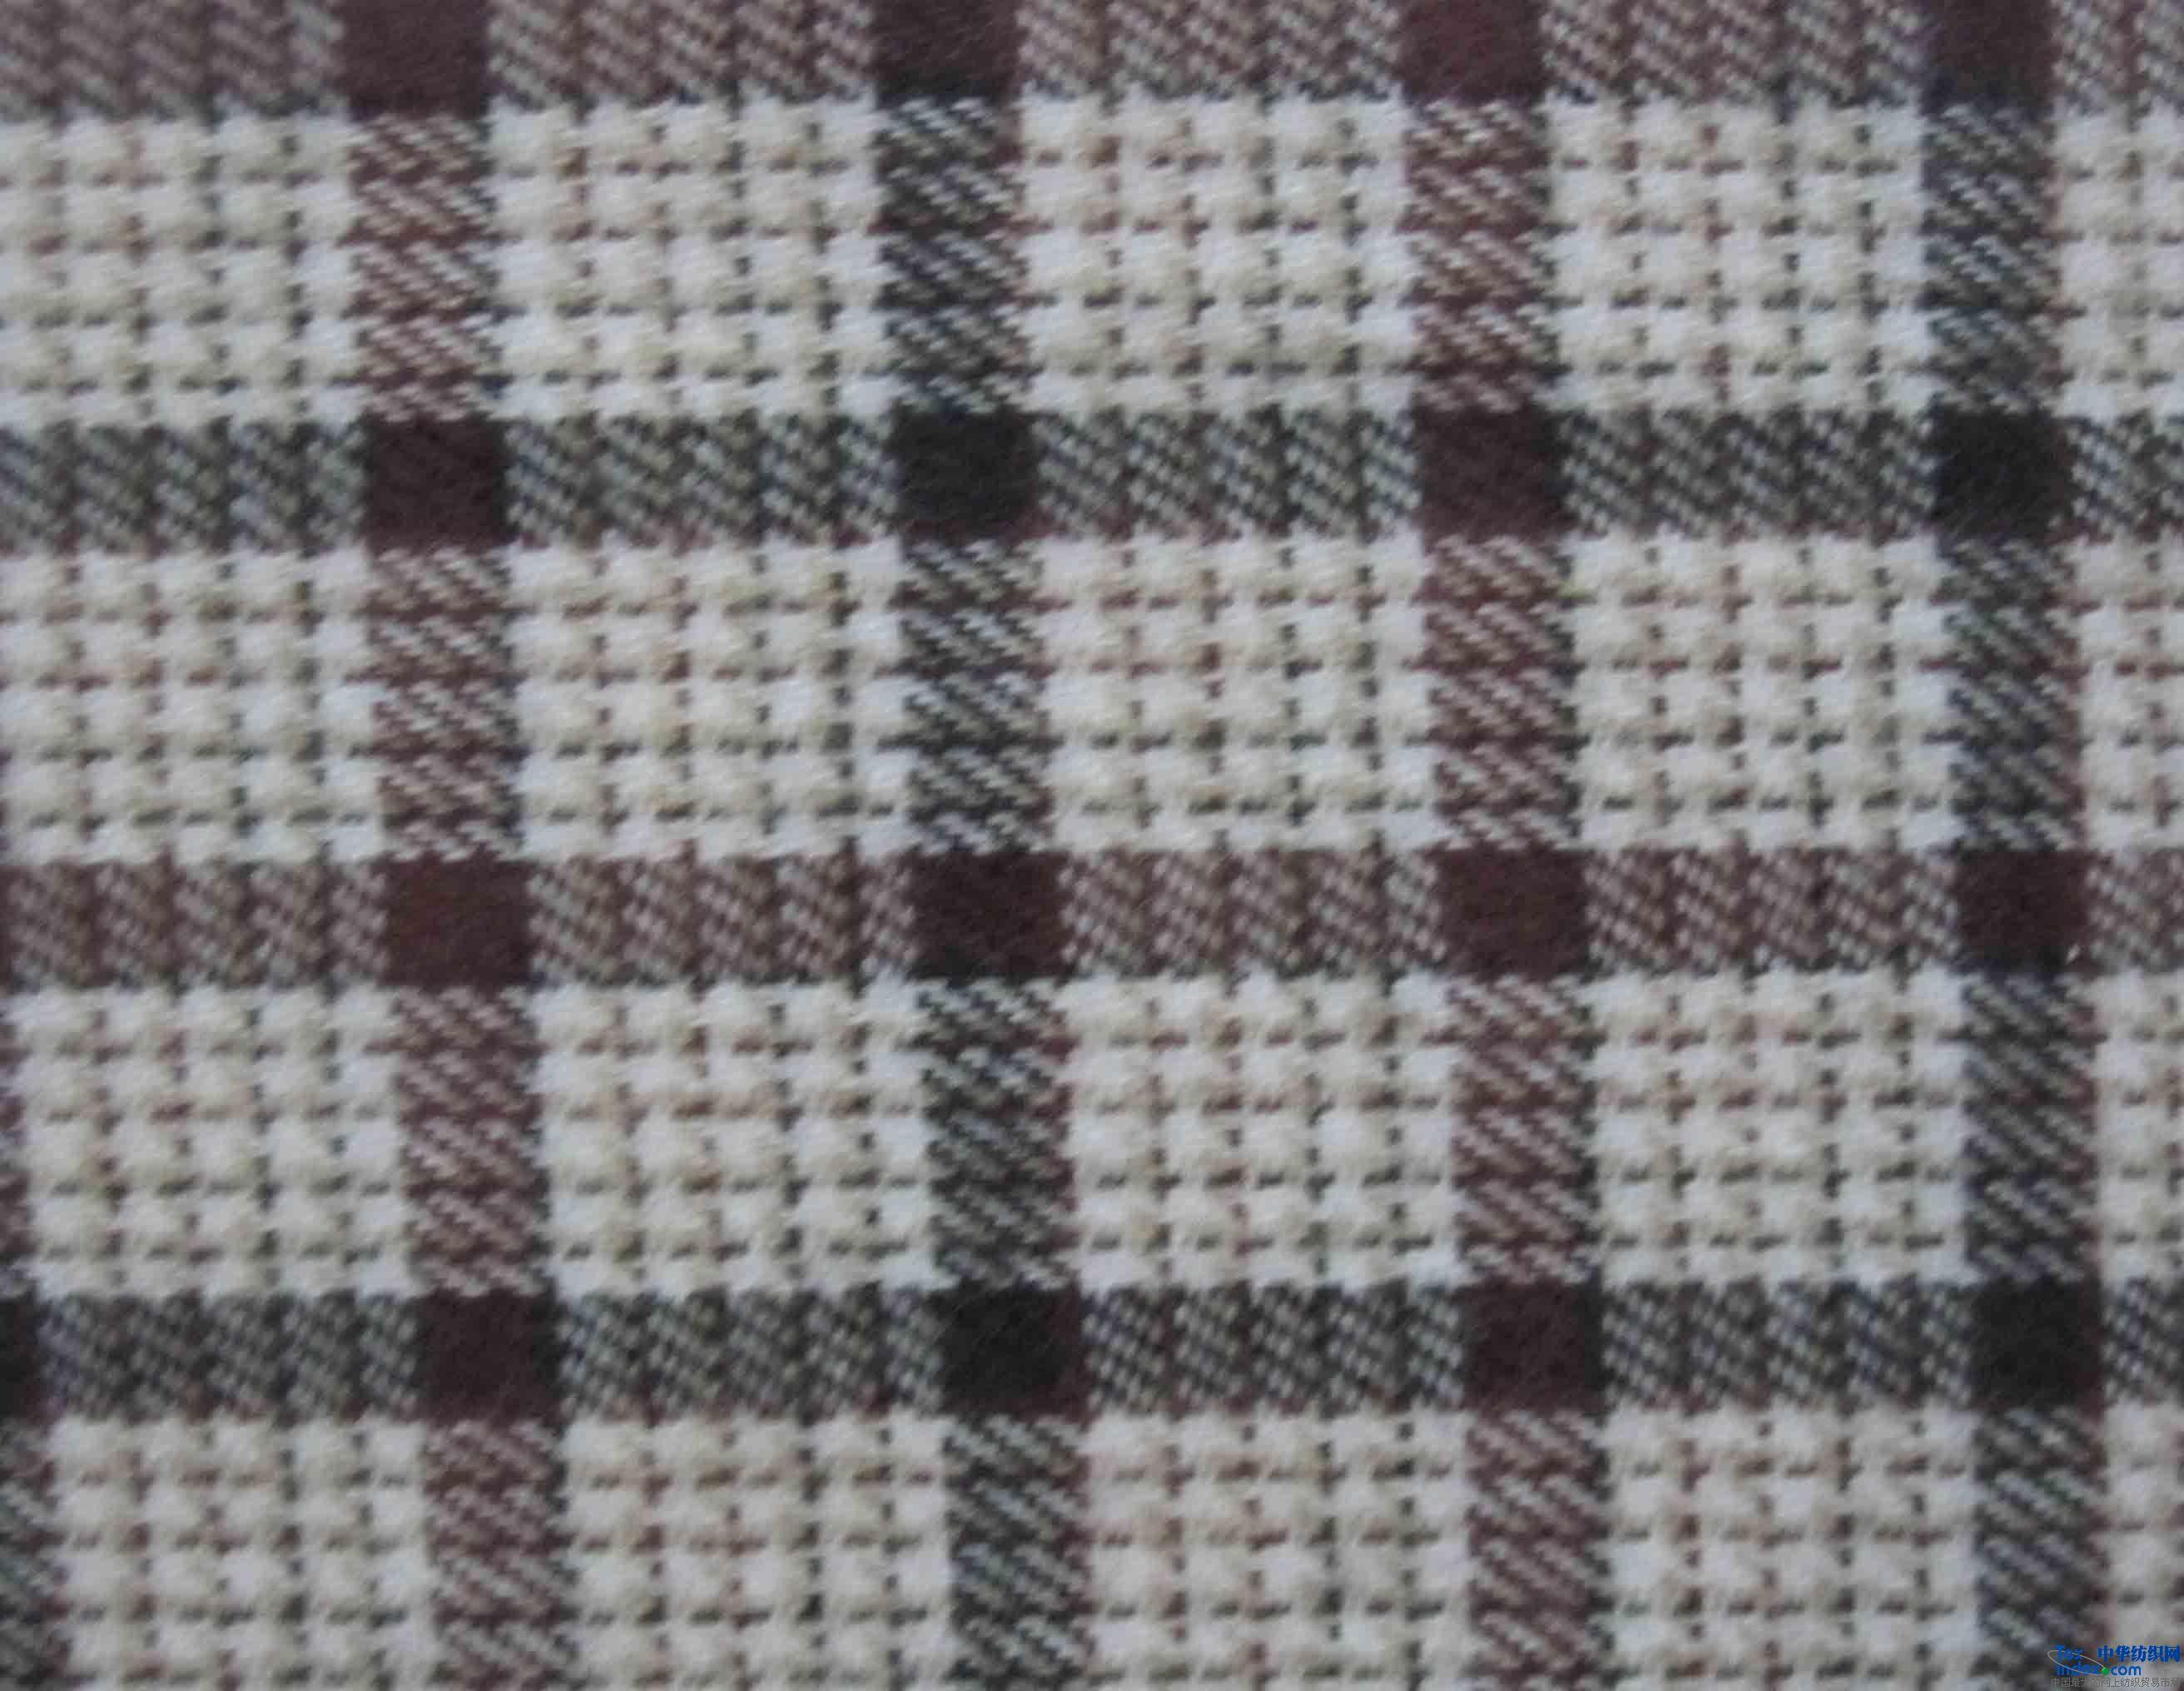 品种有:色织类弹力布,高密府绸,米通,双层(提花)布,剪花布,剪花纱